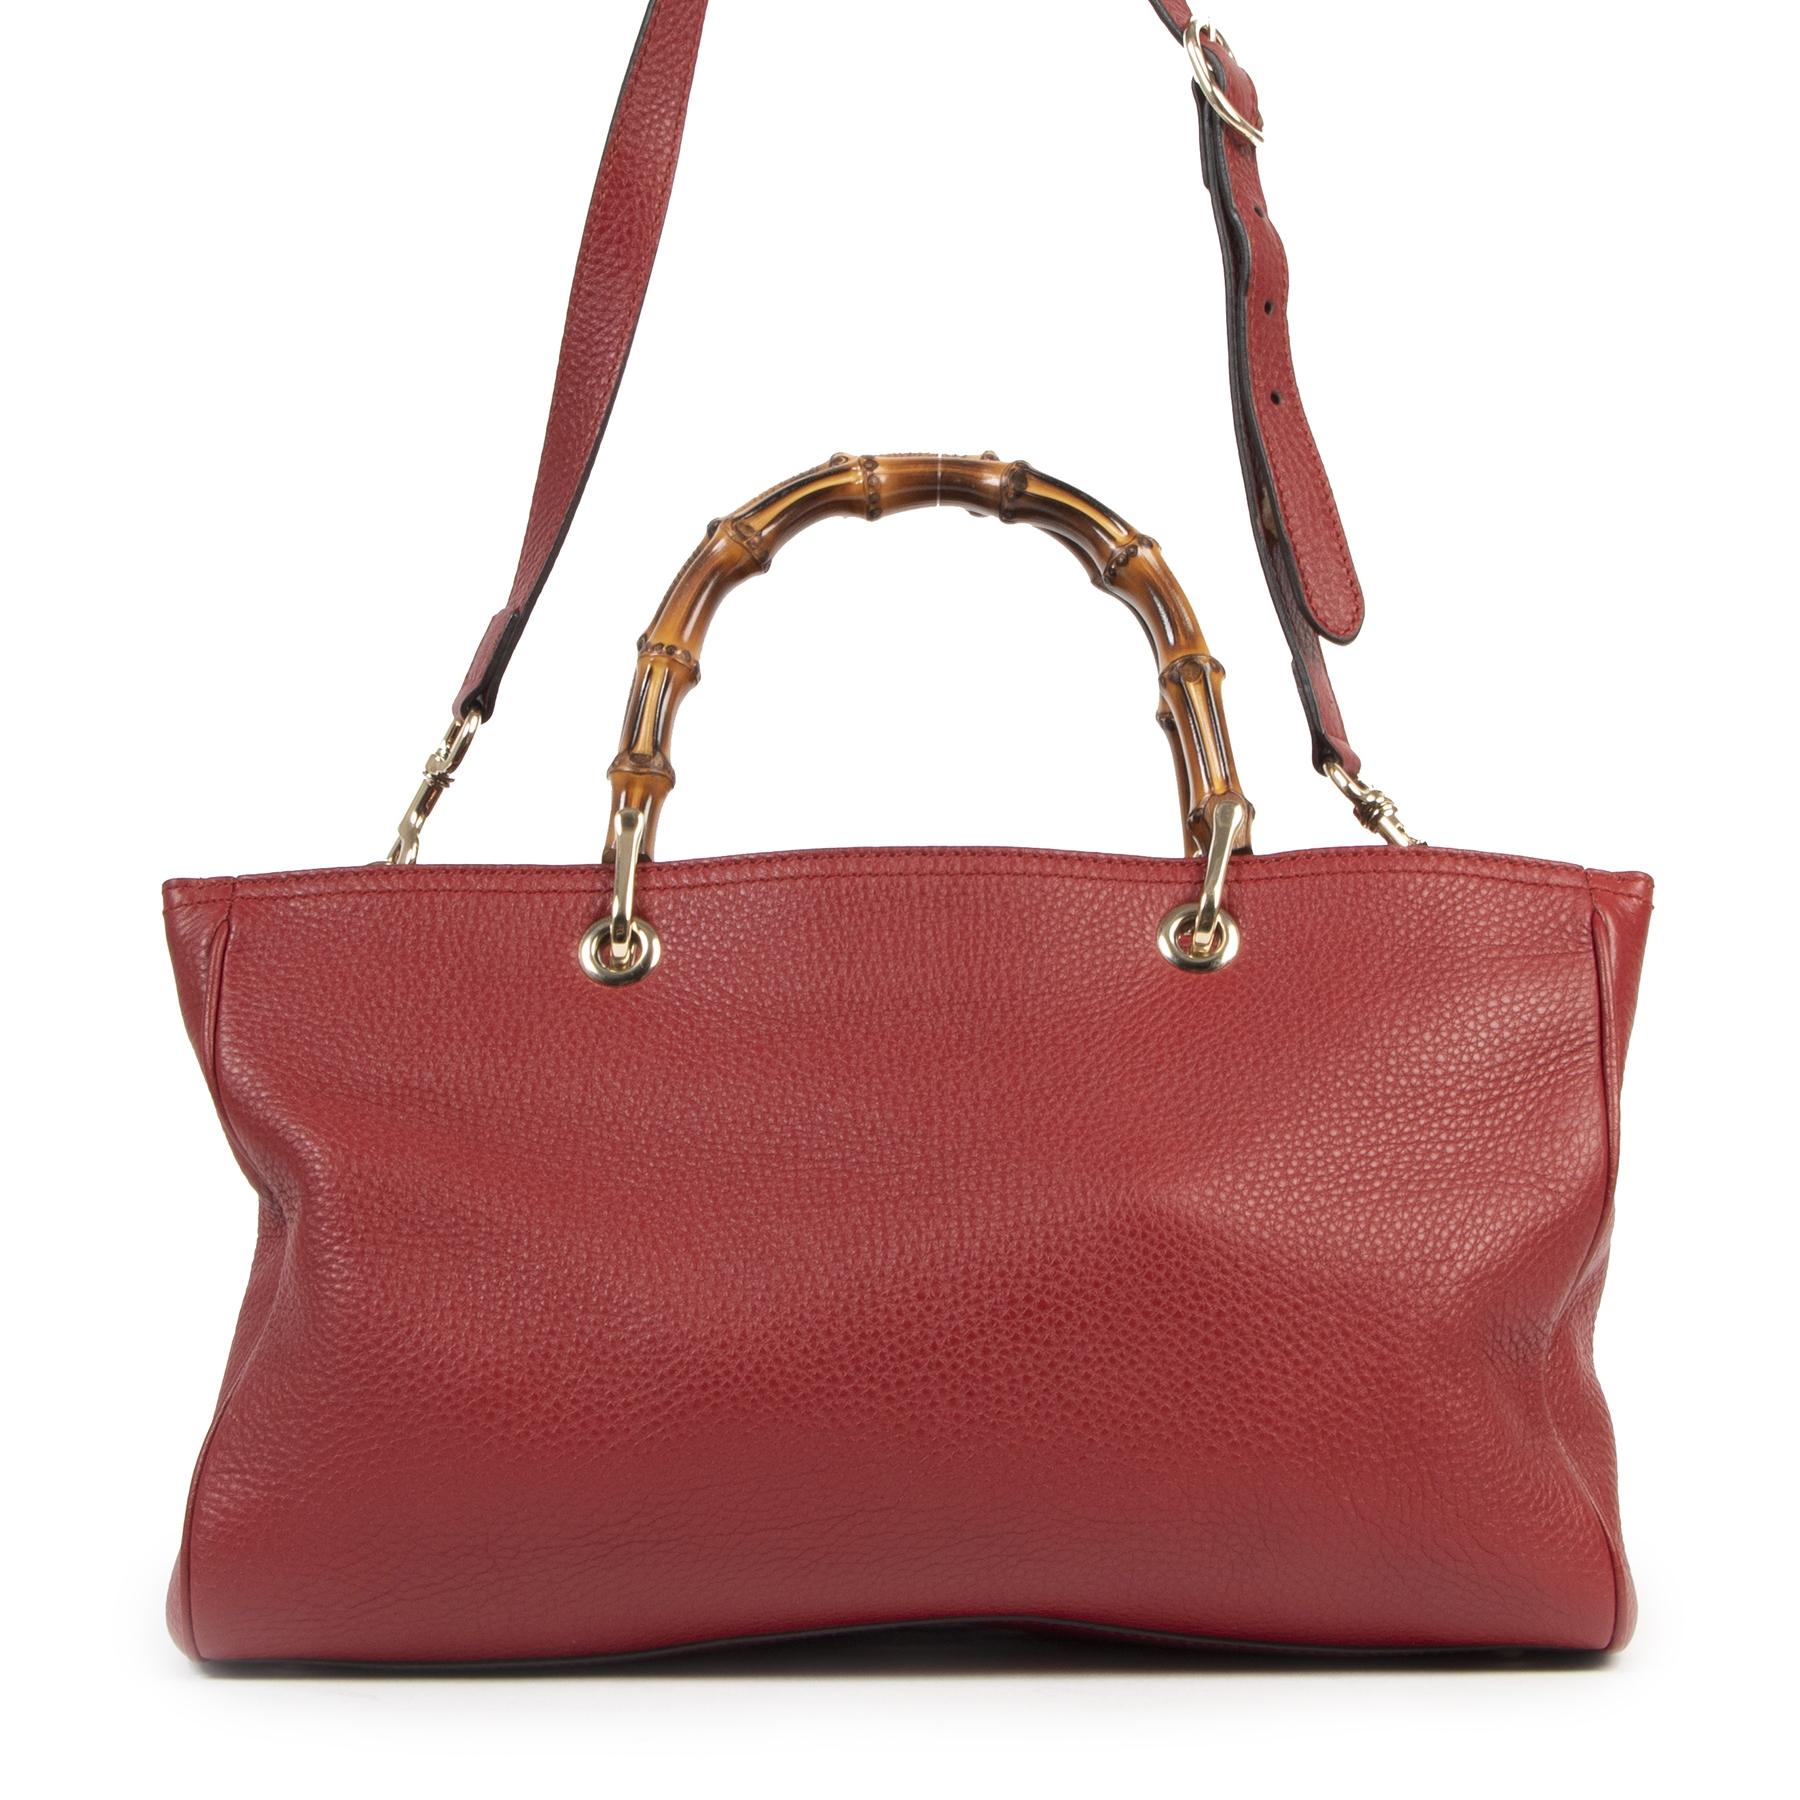 Authentieke Tweedehands Gucci Red Bamboo Shopper Tote juiste prijs veilig online shoppen luxe merken webshop winkelen Antwerpen België mode fashion